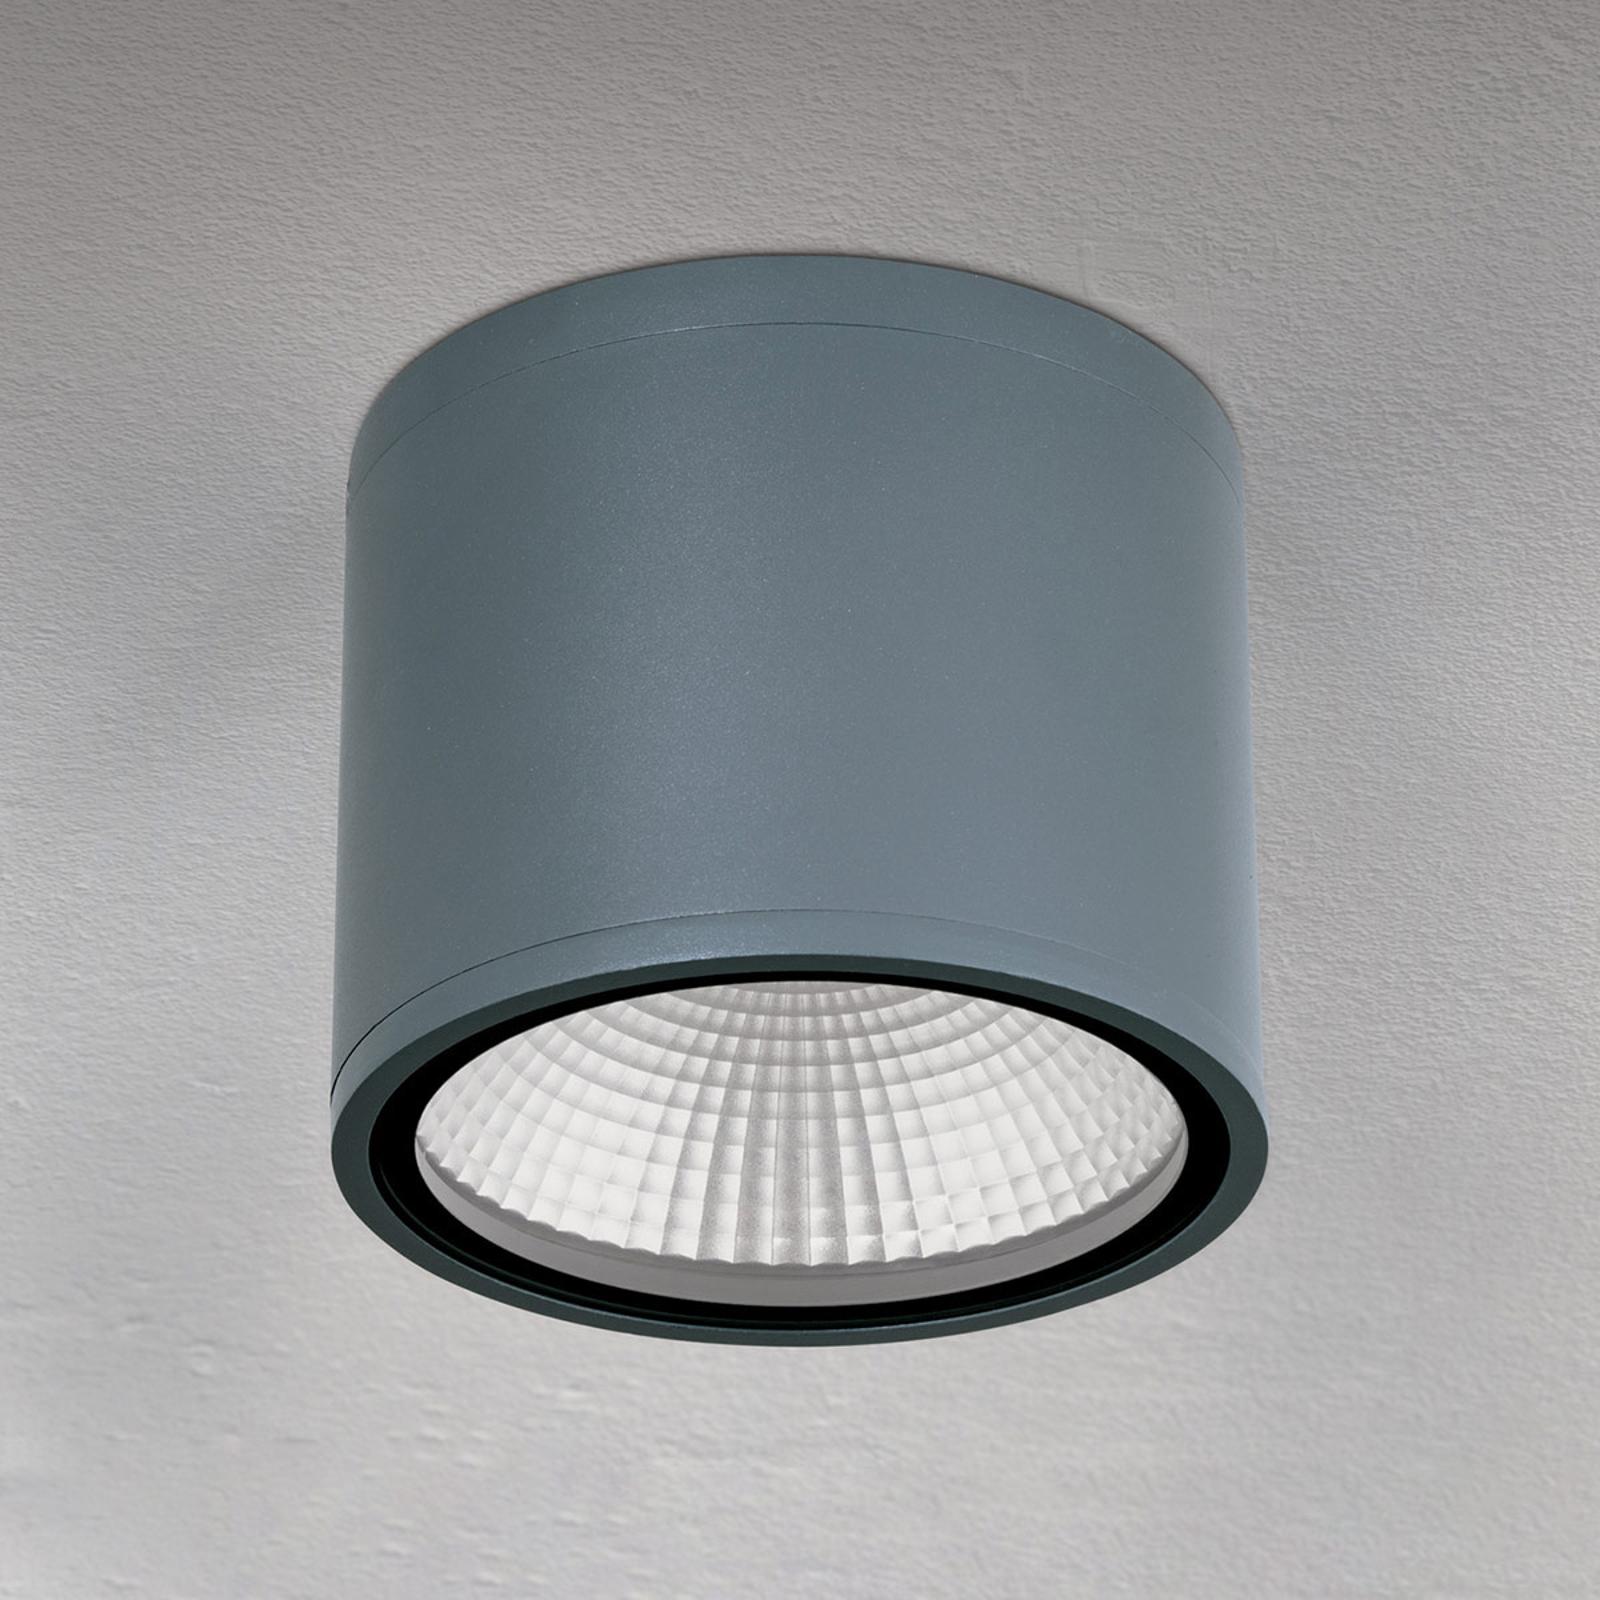 LED-Deckenstrahler Sputnik IP65 Ø 14,5cm anthrazit